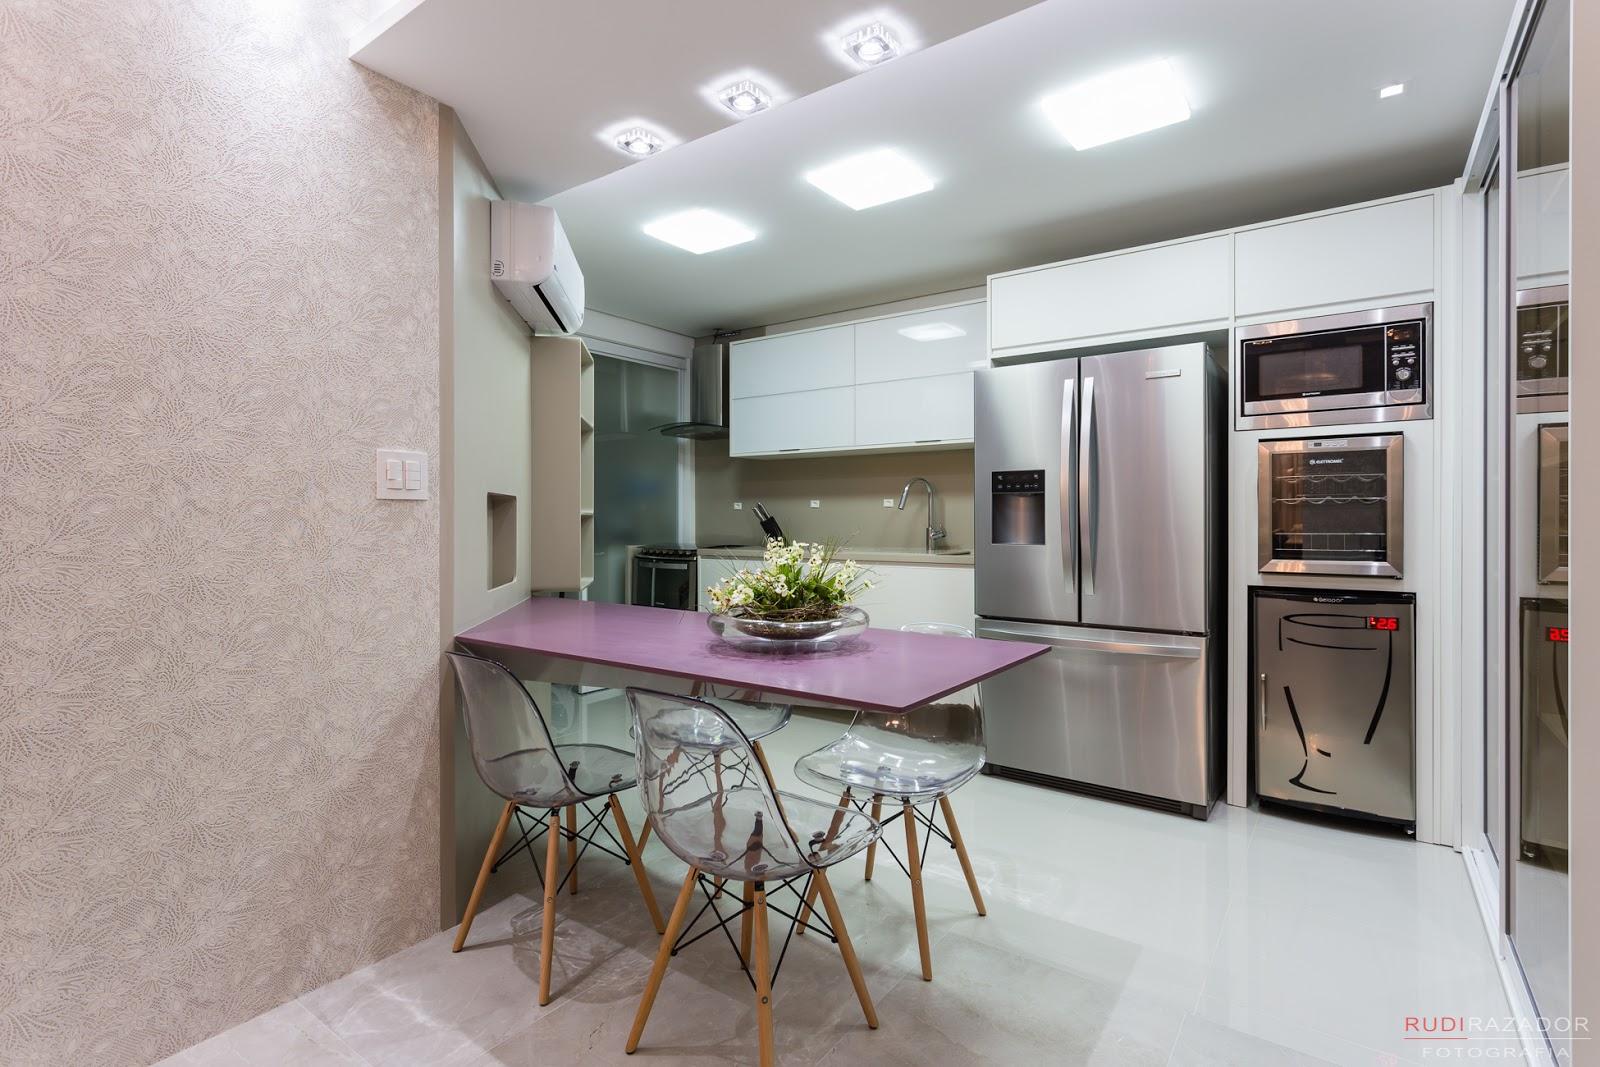 Cozinha Com Ilha Redonda Beyato Com V Rios Desenhos Sobre Id Ias